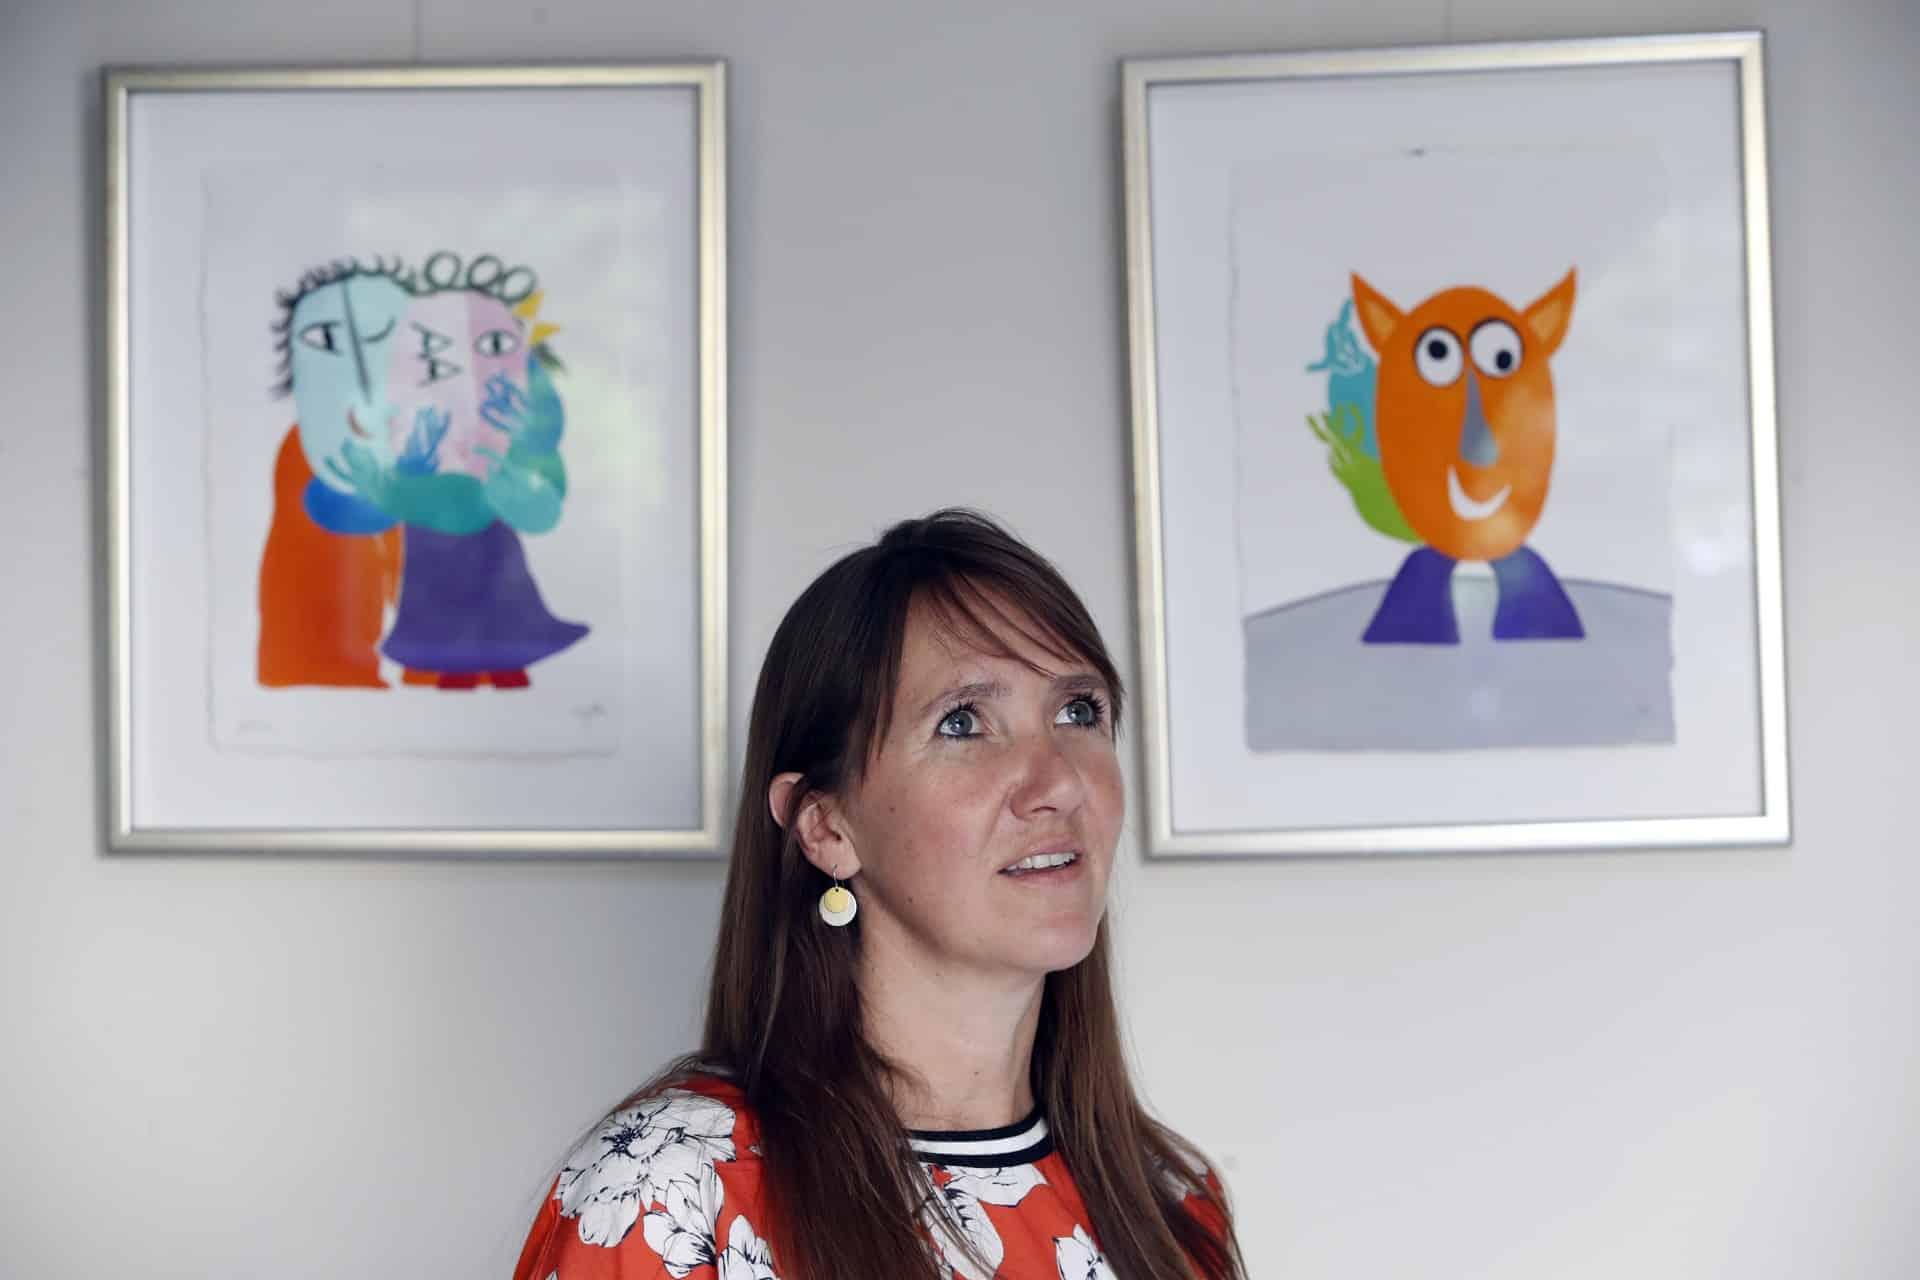 Kinderpsycholoog Jasmine Luycx: 'Spreek over je overleden kind, want ook dat is een deel van jullie verhaal'